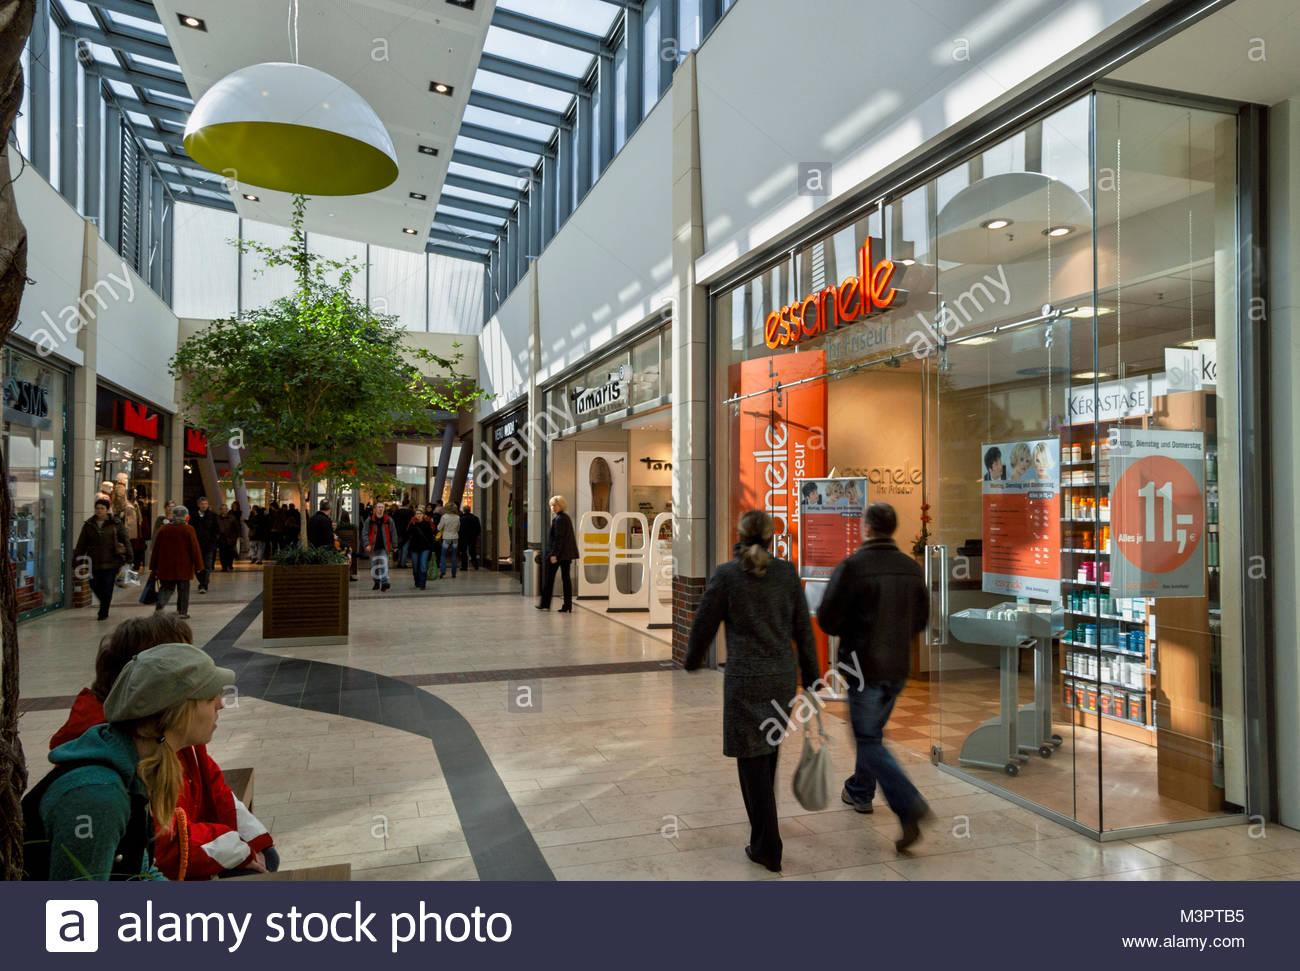 menschen in einer shopping mall lingen ems deutschland stockfoto bild 174449721 alamy. Black Bedroom Furniture Sets. Home Design Ideas